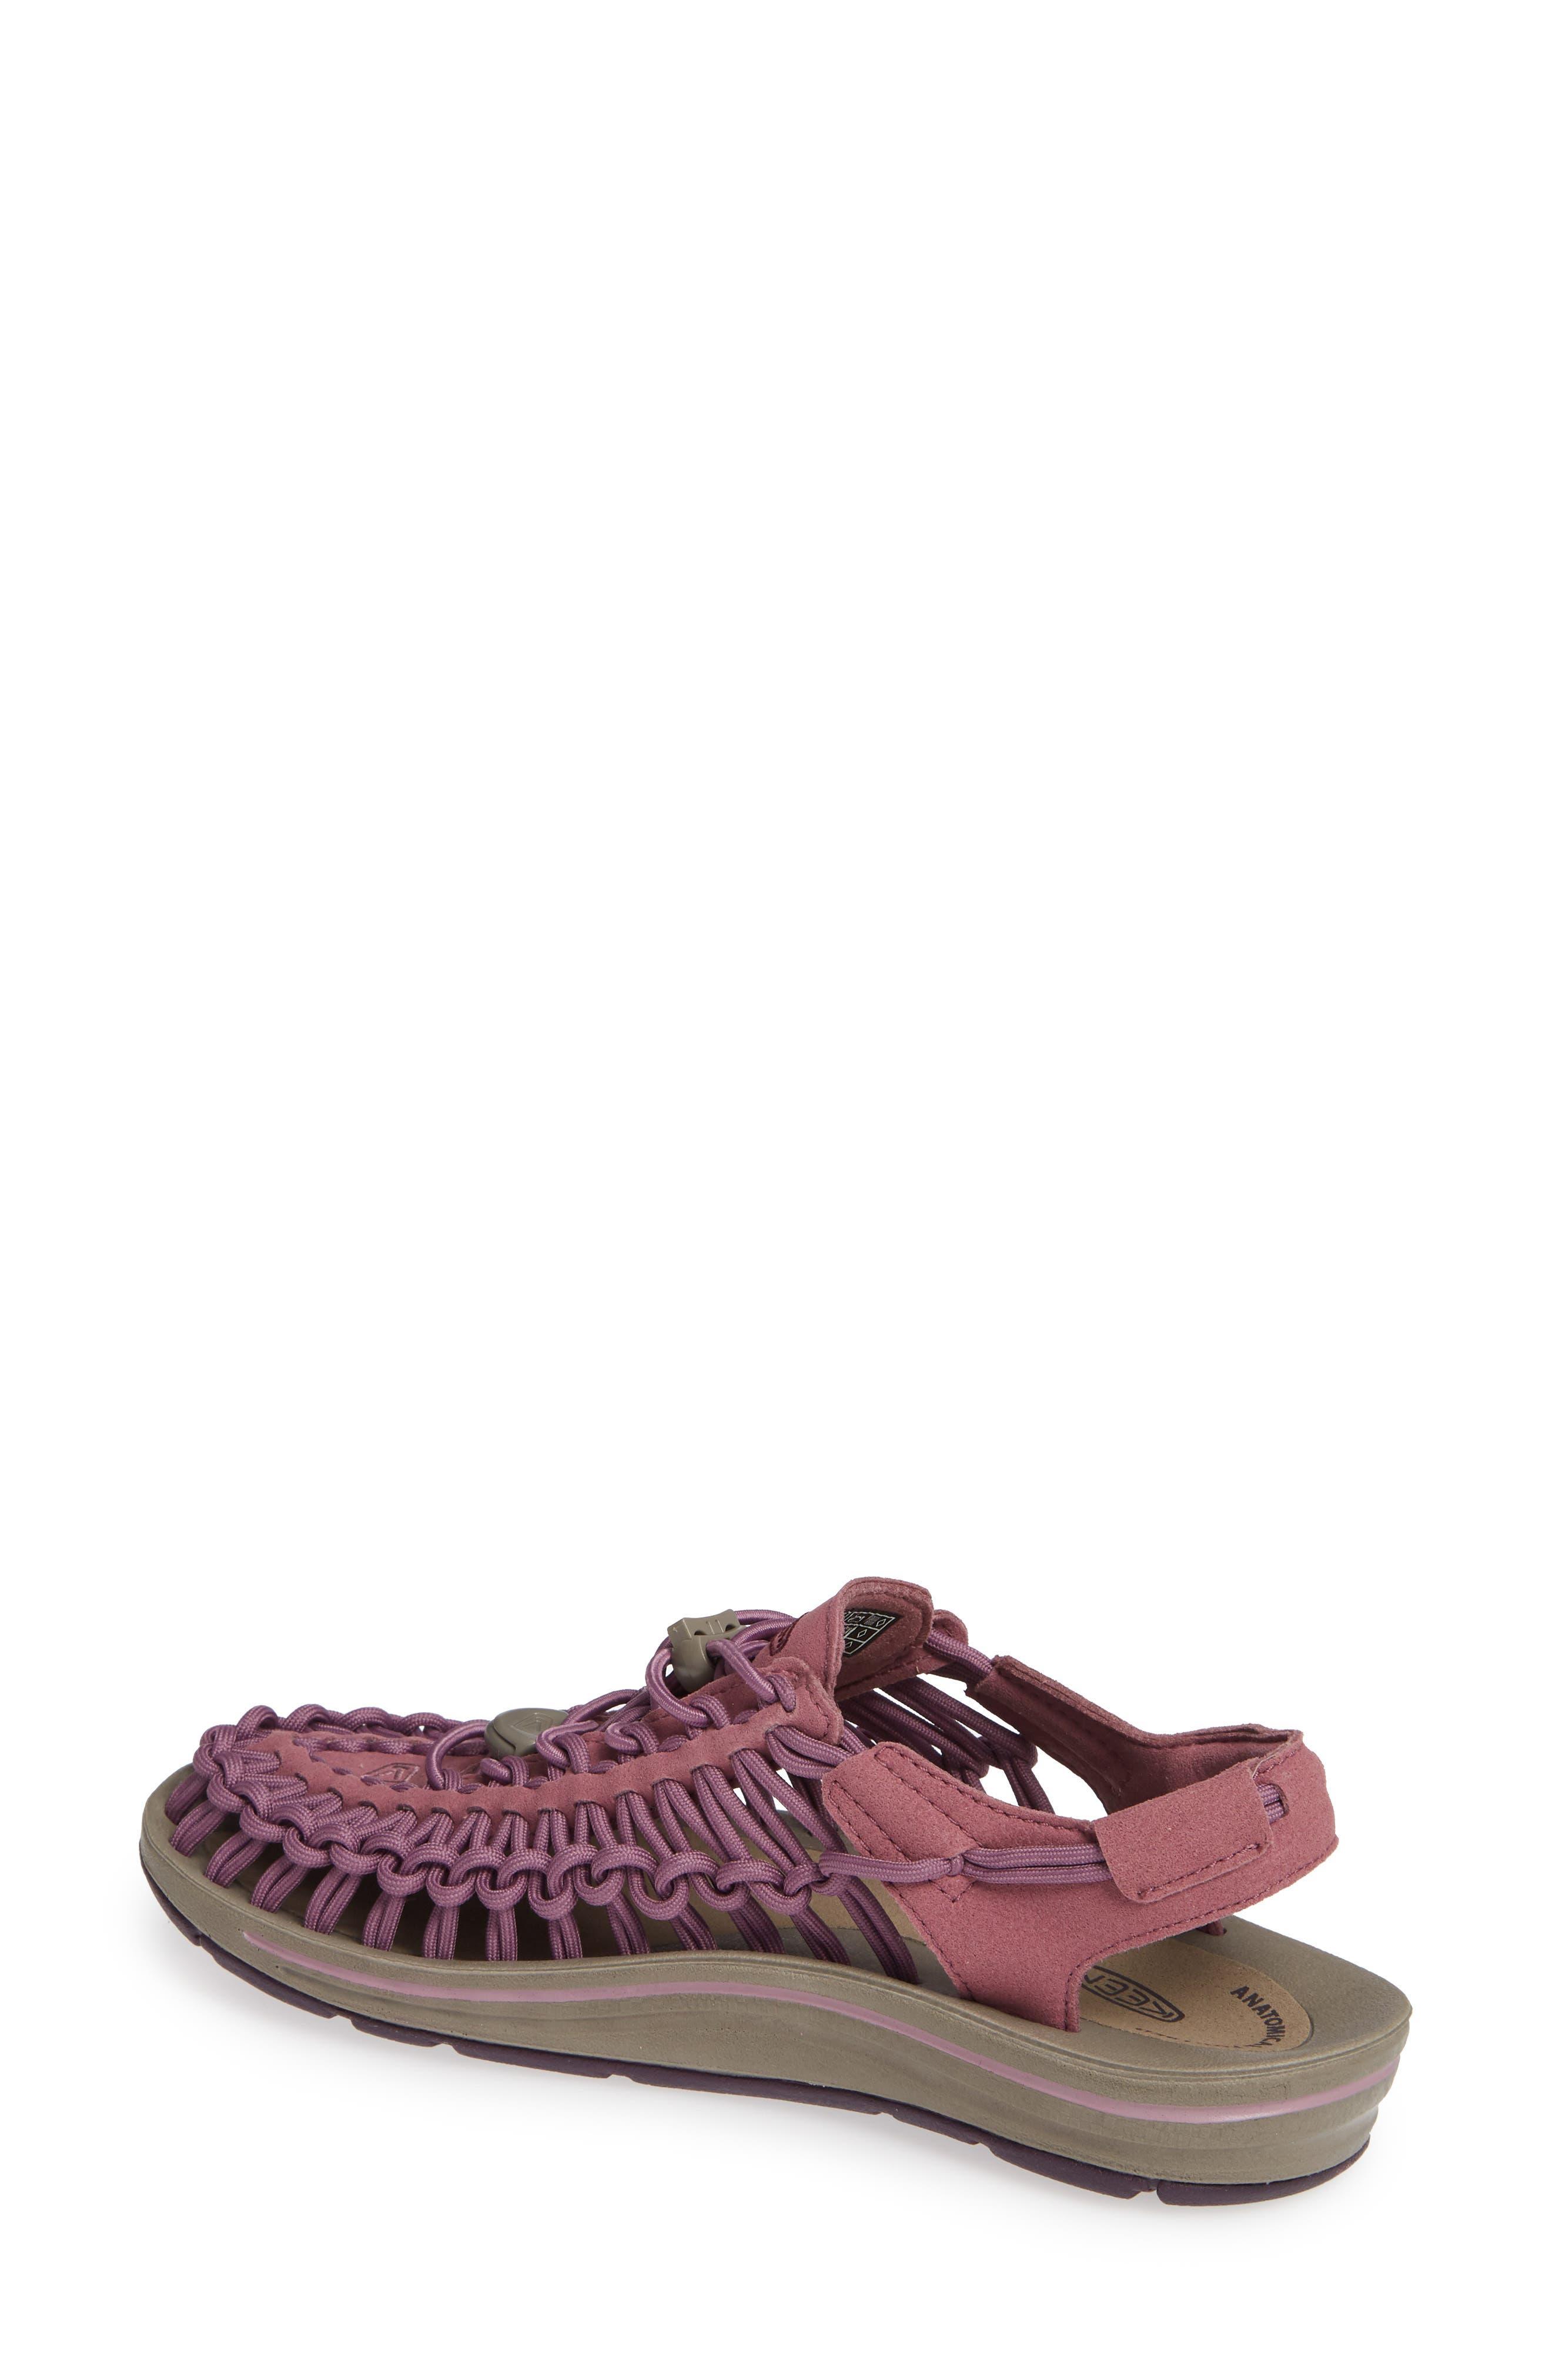 KEEN, 'Uneek' Water Sneaker, Alternate thumbnail 2, color, TULIPWOOD/ WINETASTING